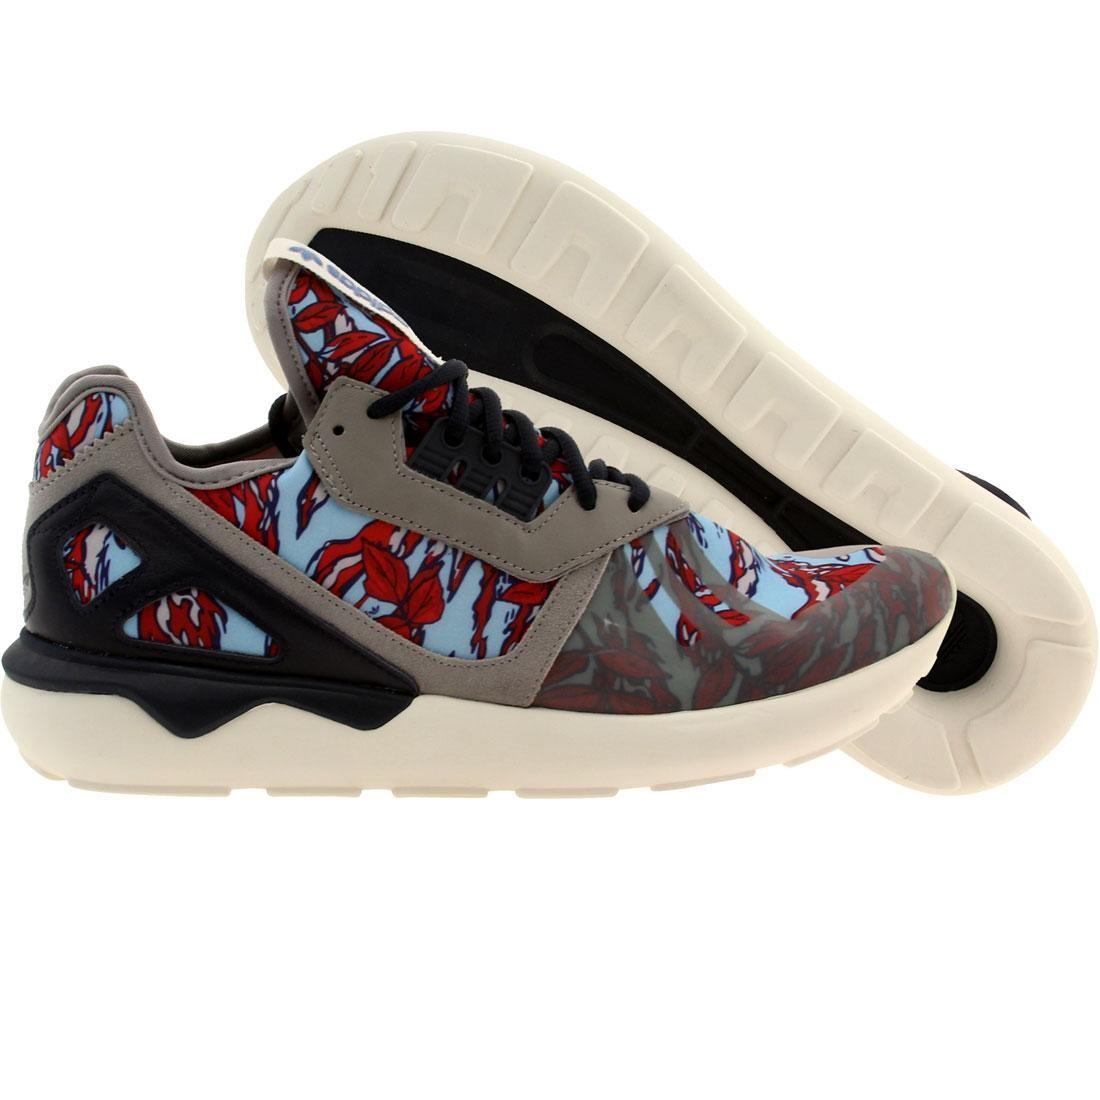 【海外限定】アディダス メンズ靴 靴 【 ADIDAS MEN TUBULAR RUNNER GRAY CHSOGRY CONAVY 】